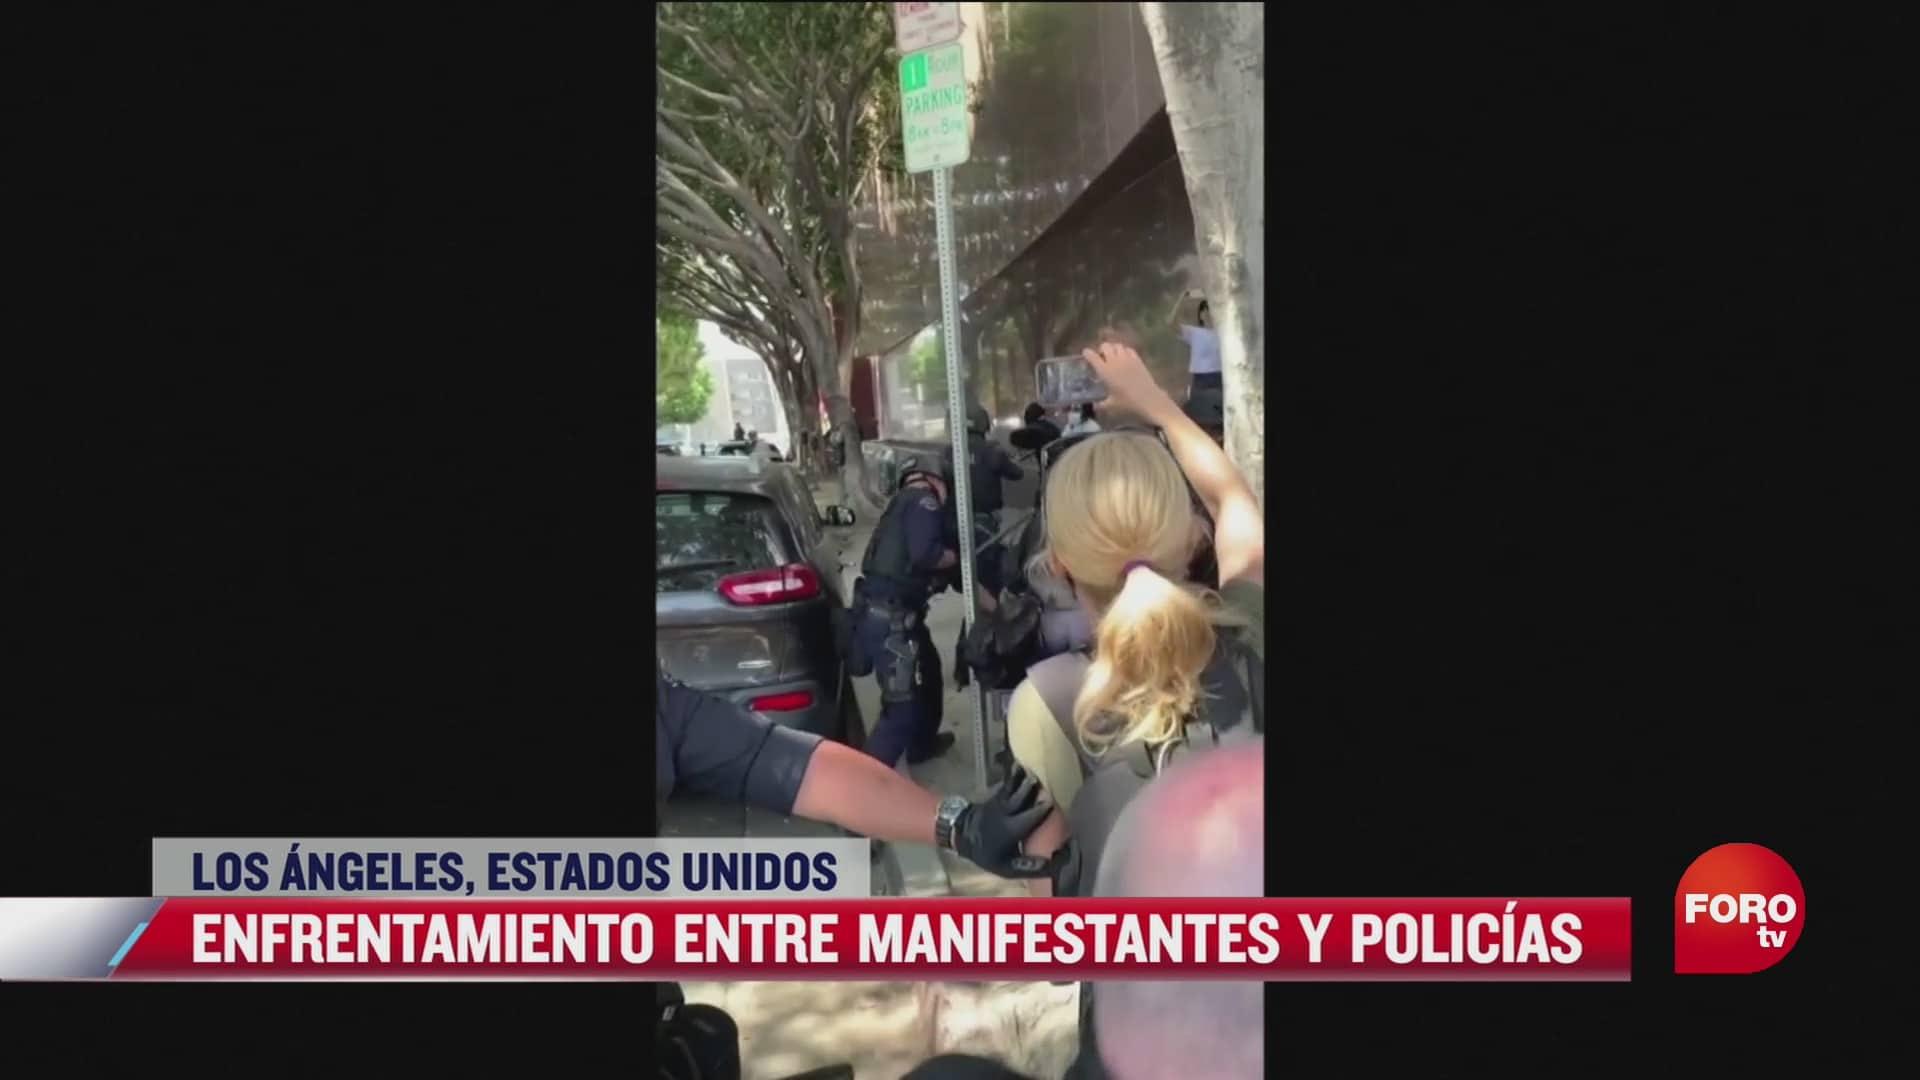 se registra enfrentamiento entre policias y manifestantes en los angeles